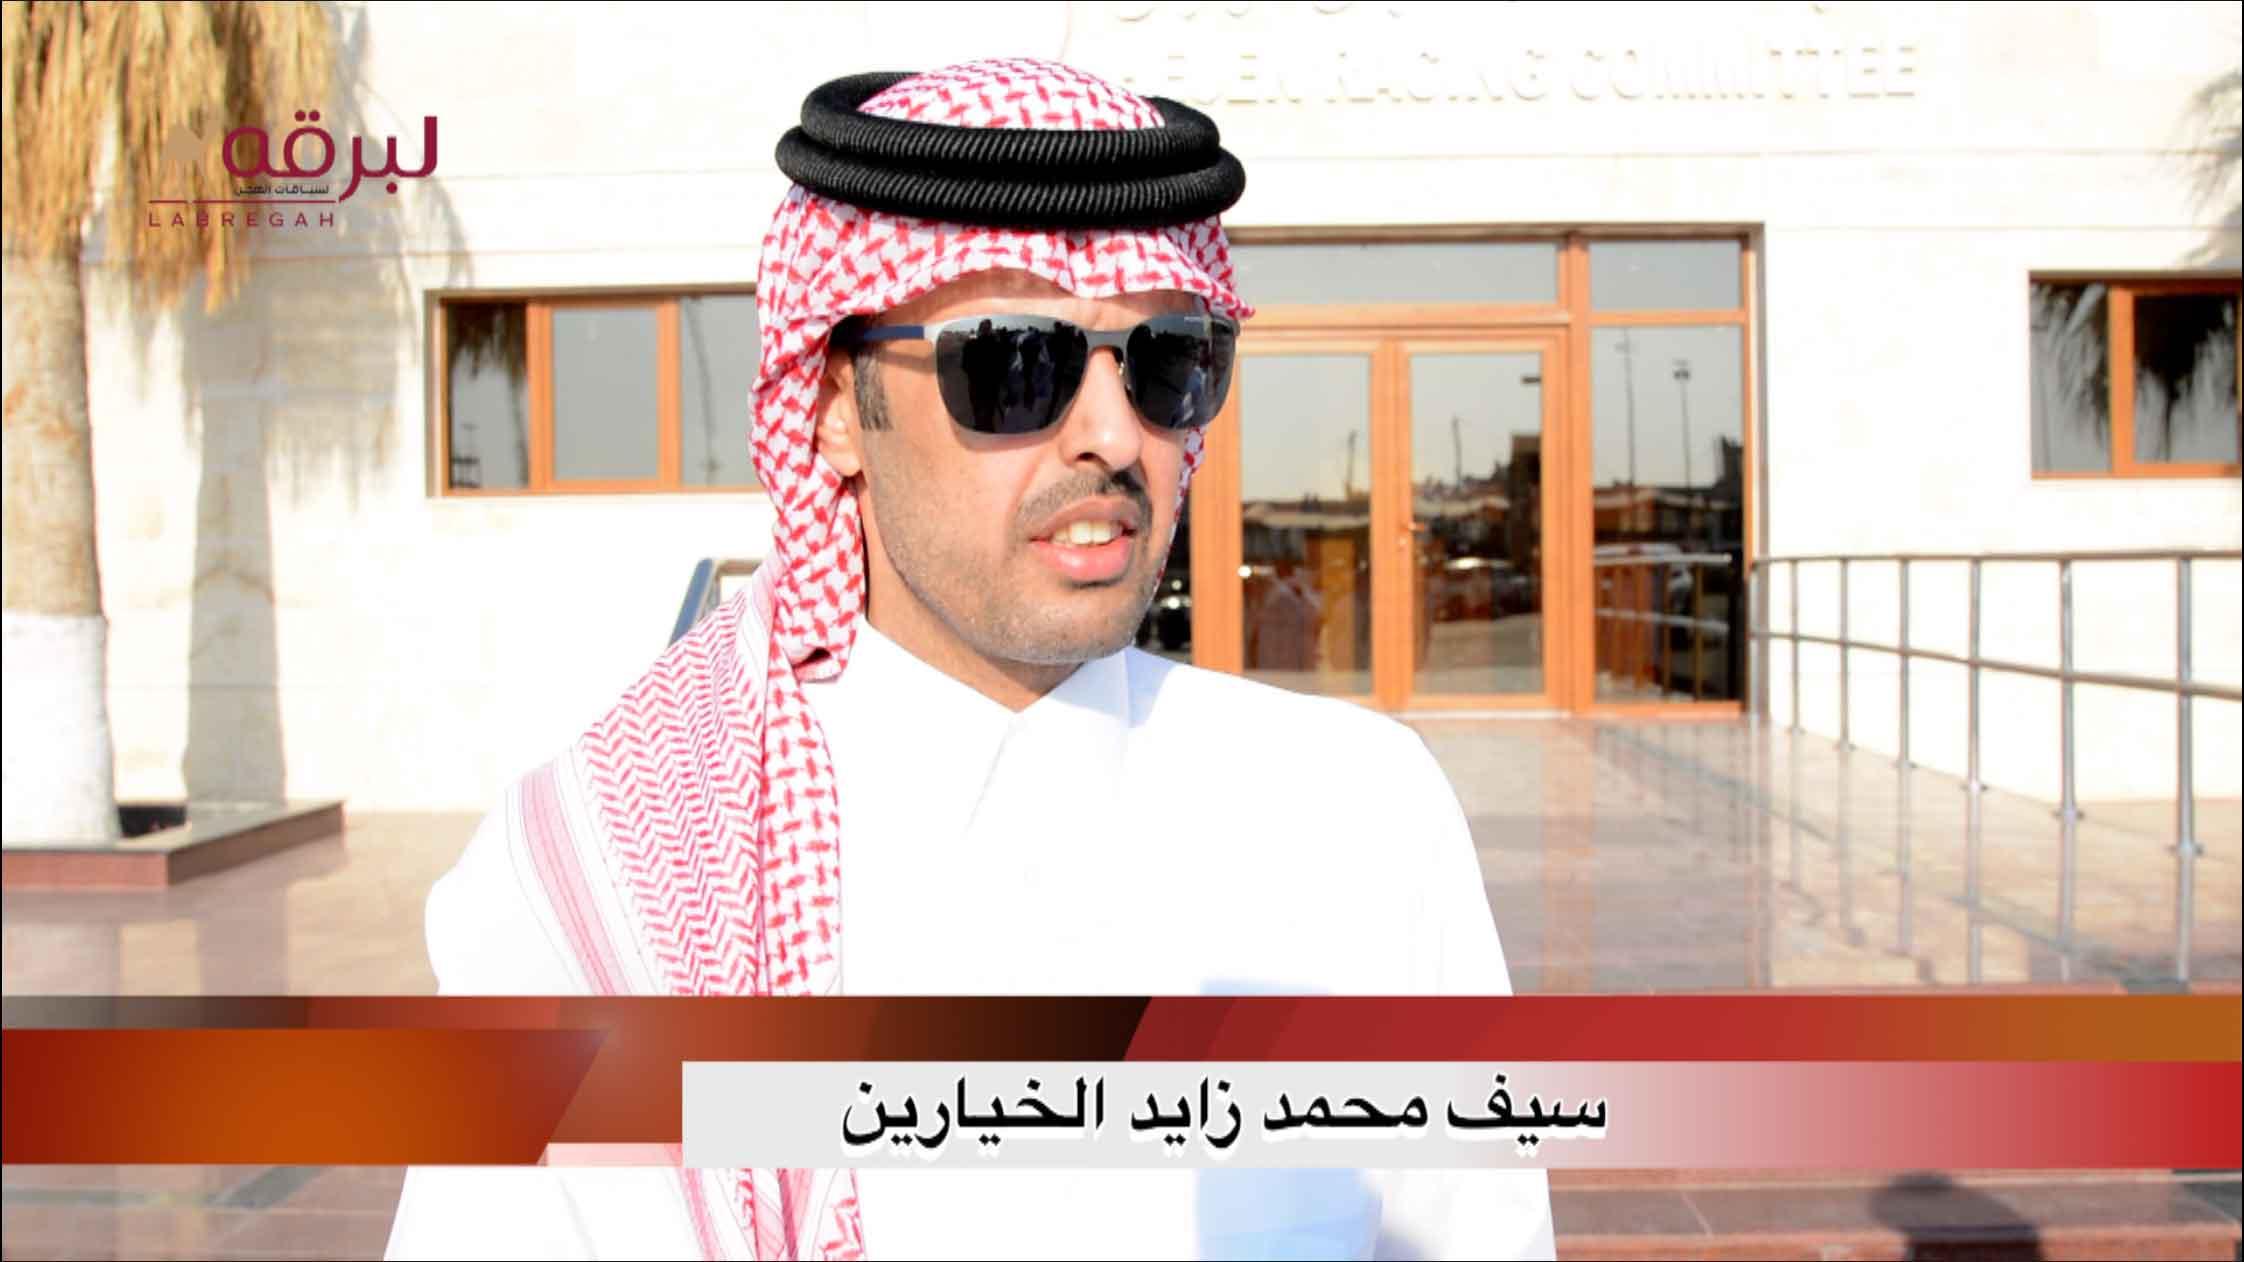 لقاء مع سيف محمد زايد الخيارين.. الشلفة الفضية للثنايا بكار « عمانيات » الأشواط العامة ٥-١٢-٢٠٢٠